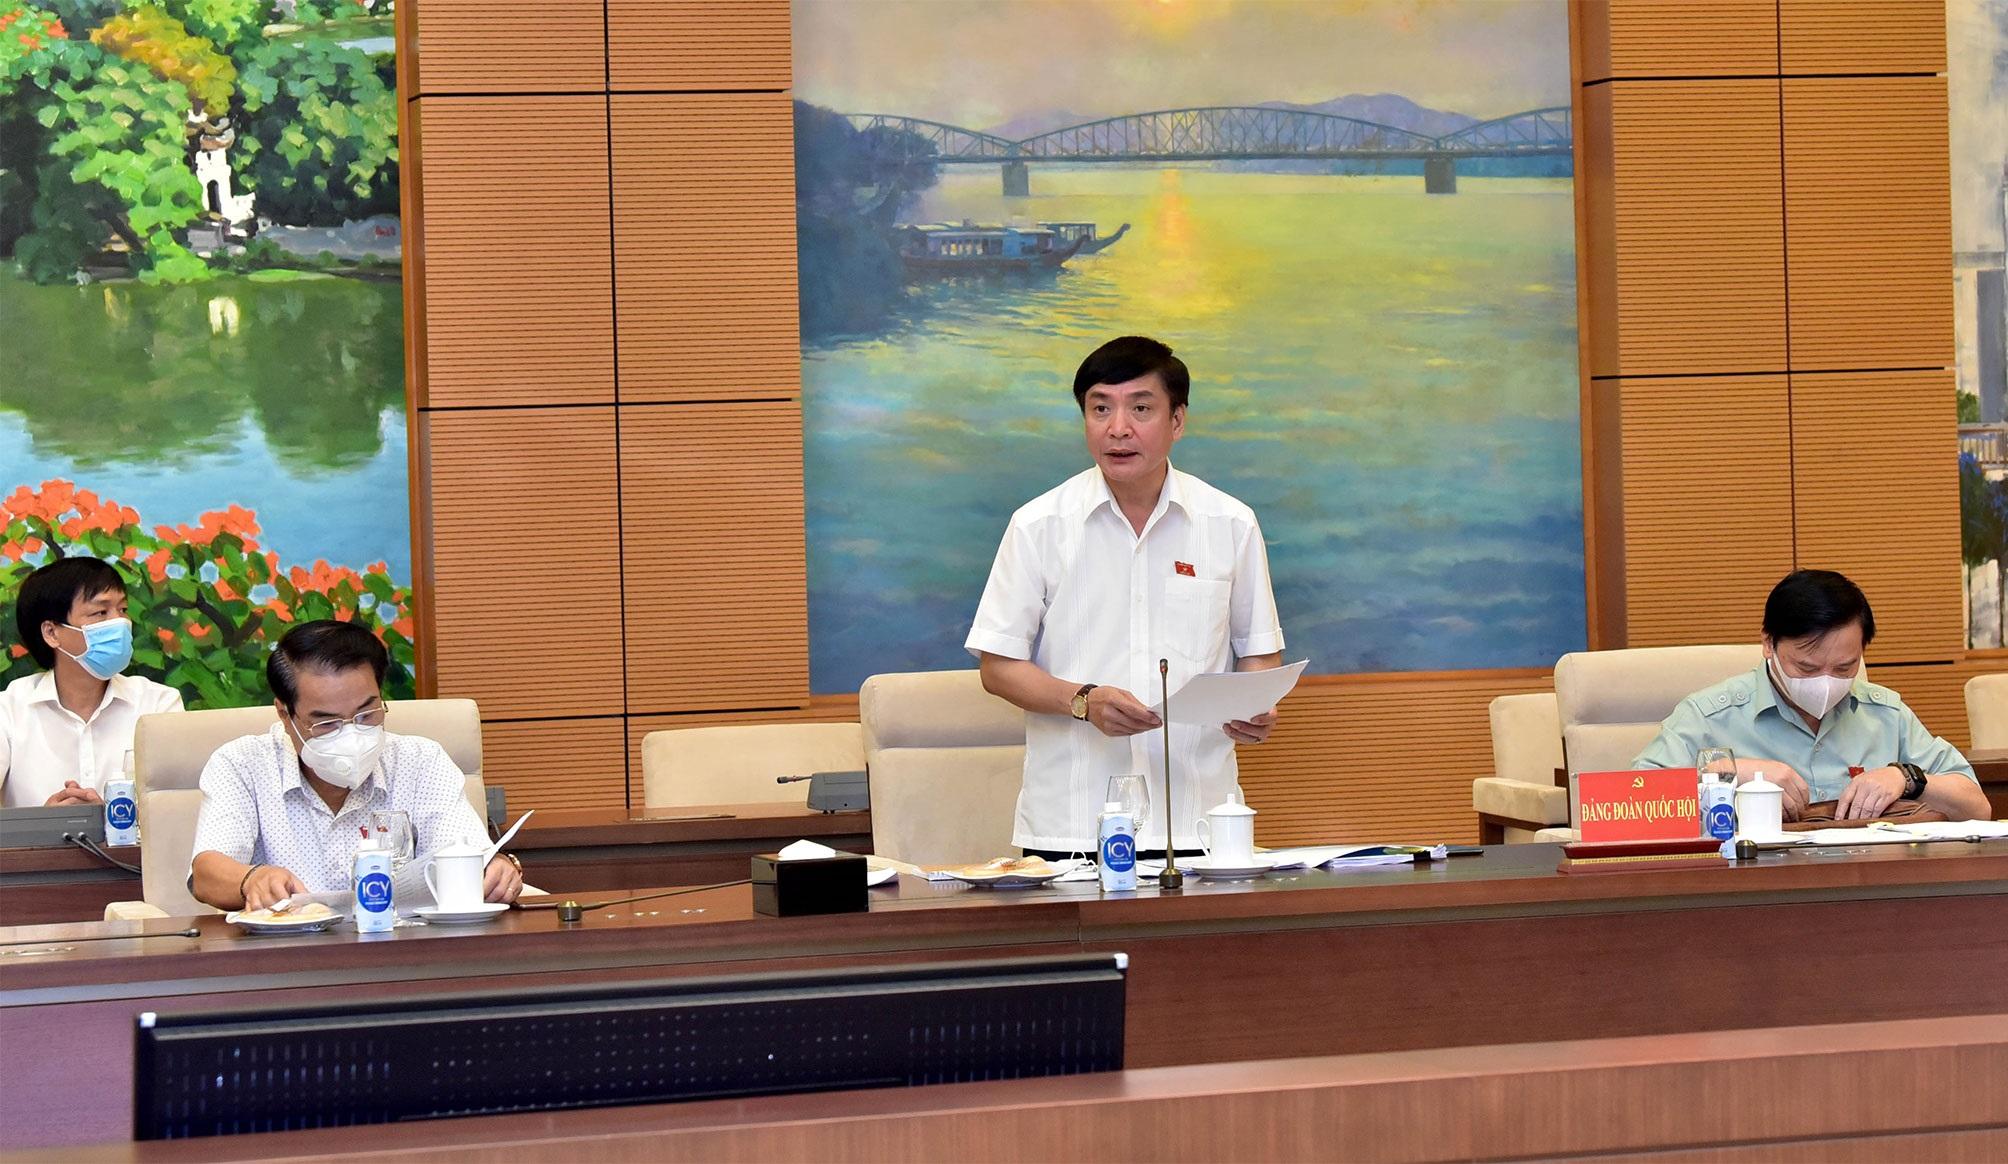 Chính phủ nhiệm kỳ mới sẽ giảm 1 Phó thủ tướng